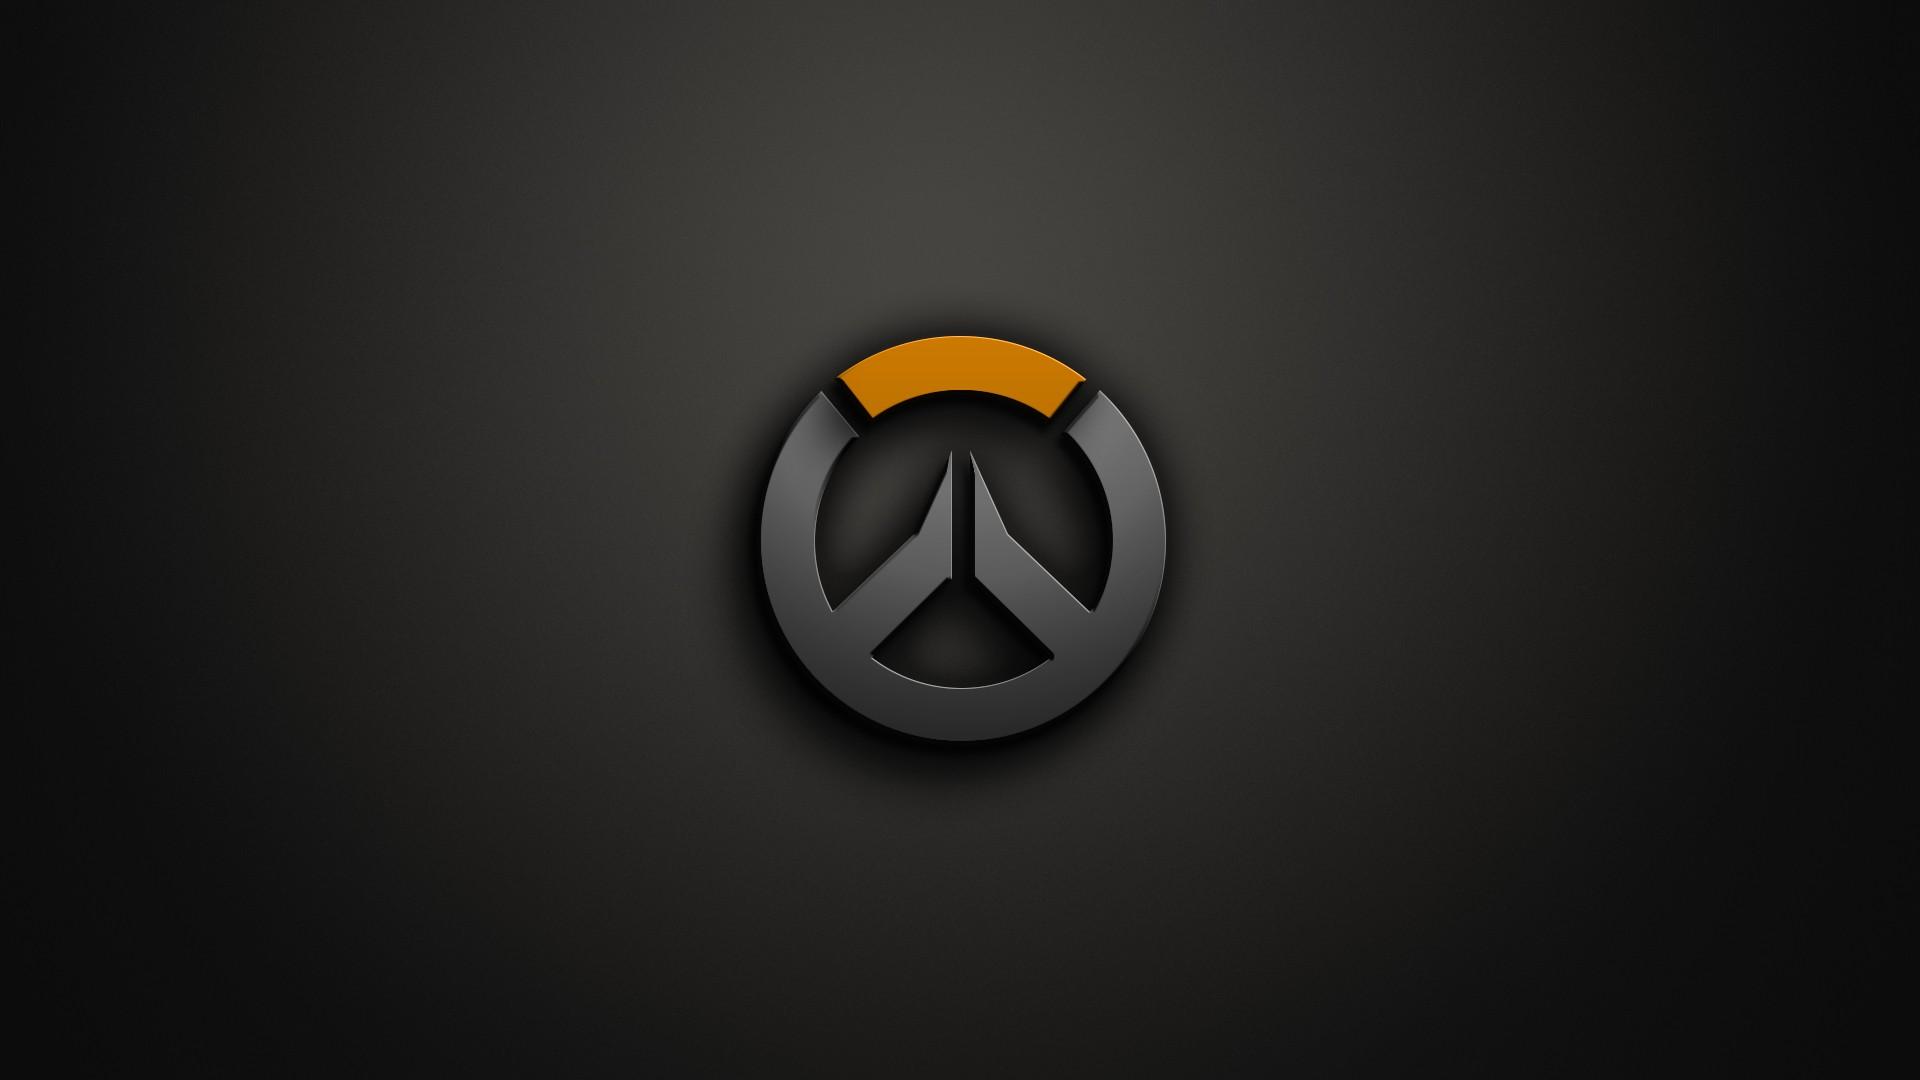 デスクトップ壁紙 図 デジタルアート ビデオゲーム 単純な背景